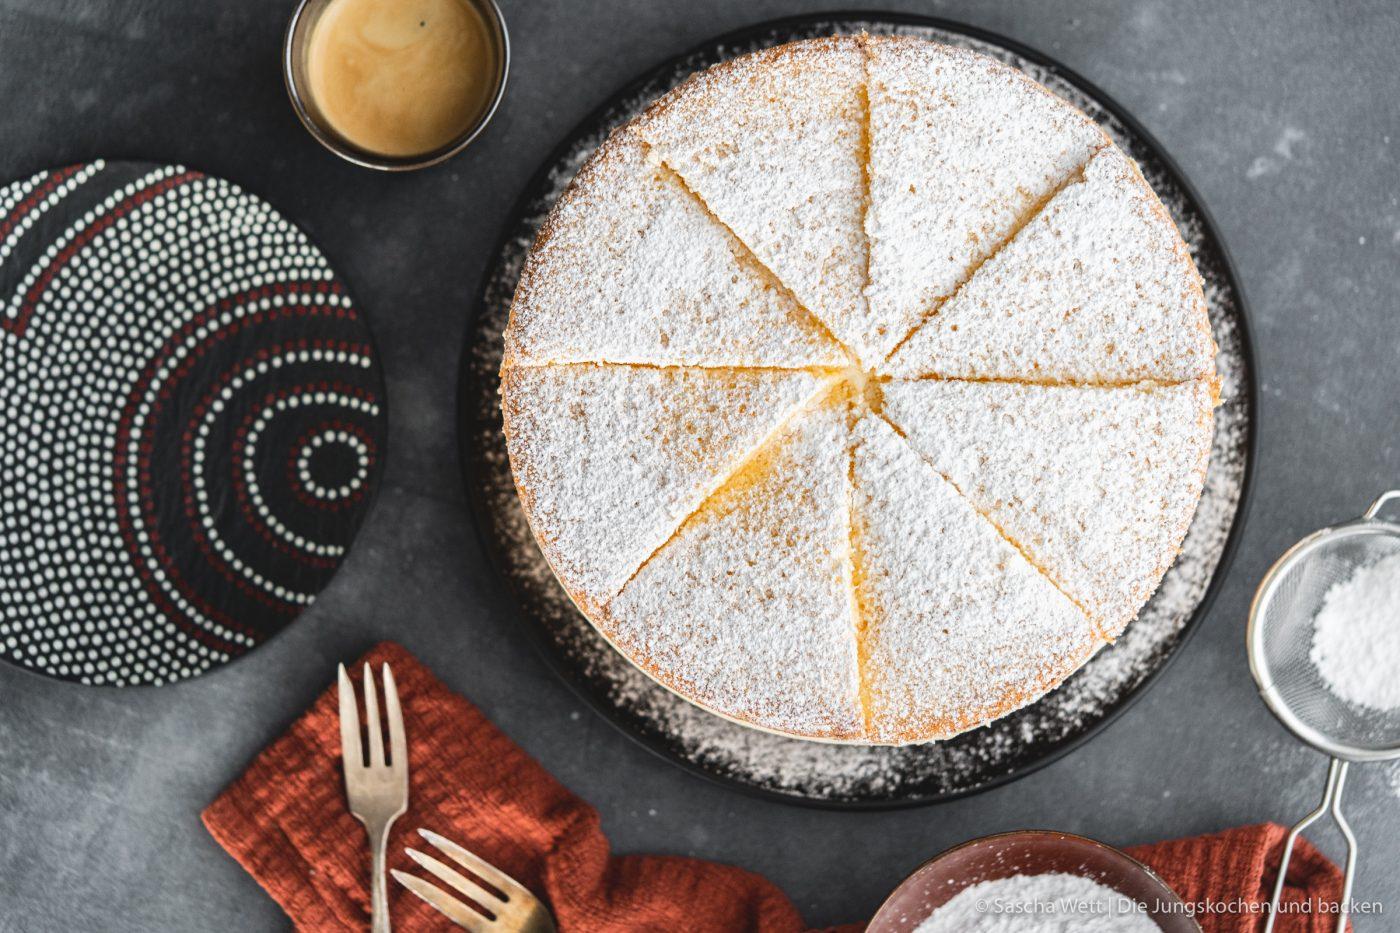 K%C3%A4se Sahne Torte Verpoorten 4 | Wir beide haben schon seit ganz langer Zeit vor, eine für uns ganz besondere Torte selber einmal zuzubereiten. Die Käse-Sahne-Torte. Warum etwas ganz Besonderes? Irgendwie hatten unsere beiden Omas eine Vorliebe dafür. Die Käse-Sahne-Torte kam sowohl bei Oma Lore, als auch bei Saschas Oma Frieda immer wieder auf den Kaffeetisch, wenn sich Gäste angekündigt hatten oder ein Feiertag anstand. Allerdings haben sie den damals nicht so fruchtig verfeinert, wie wir heute.